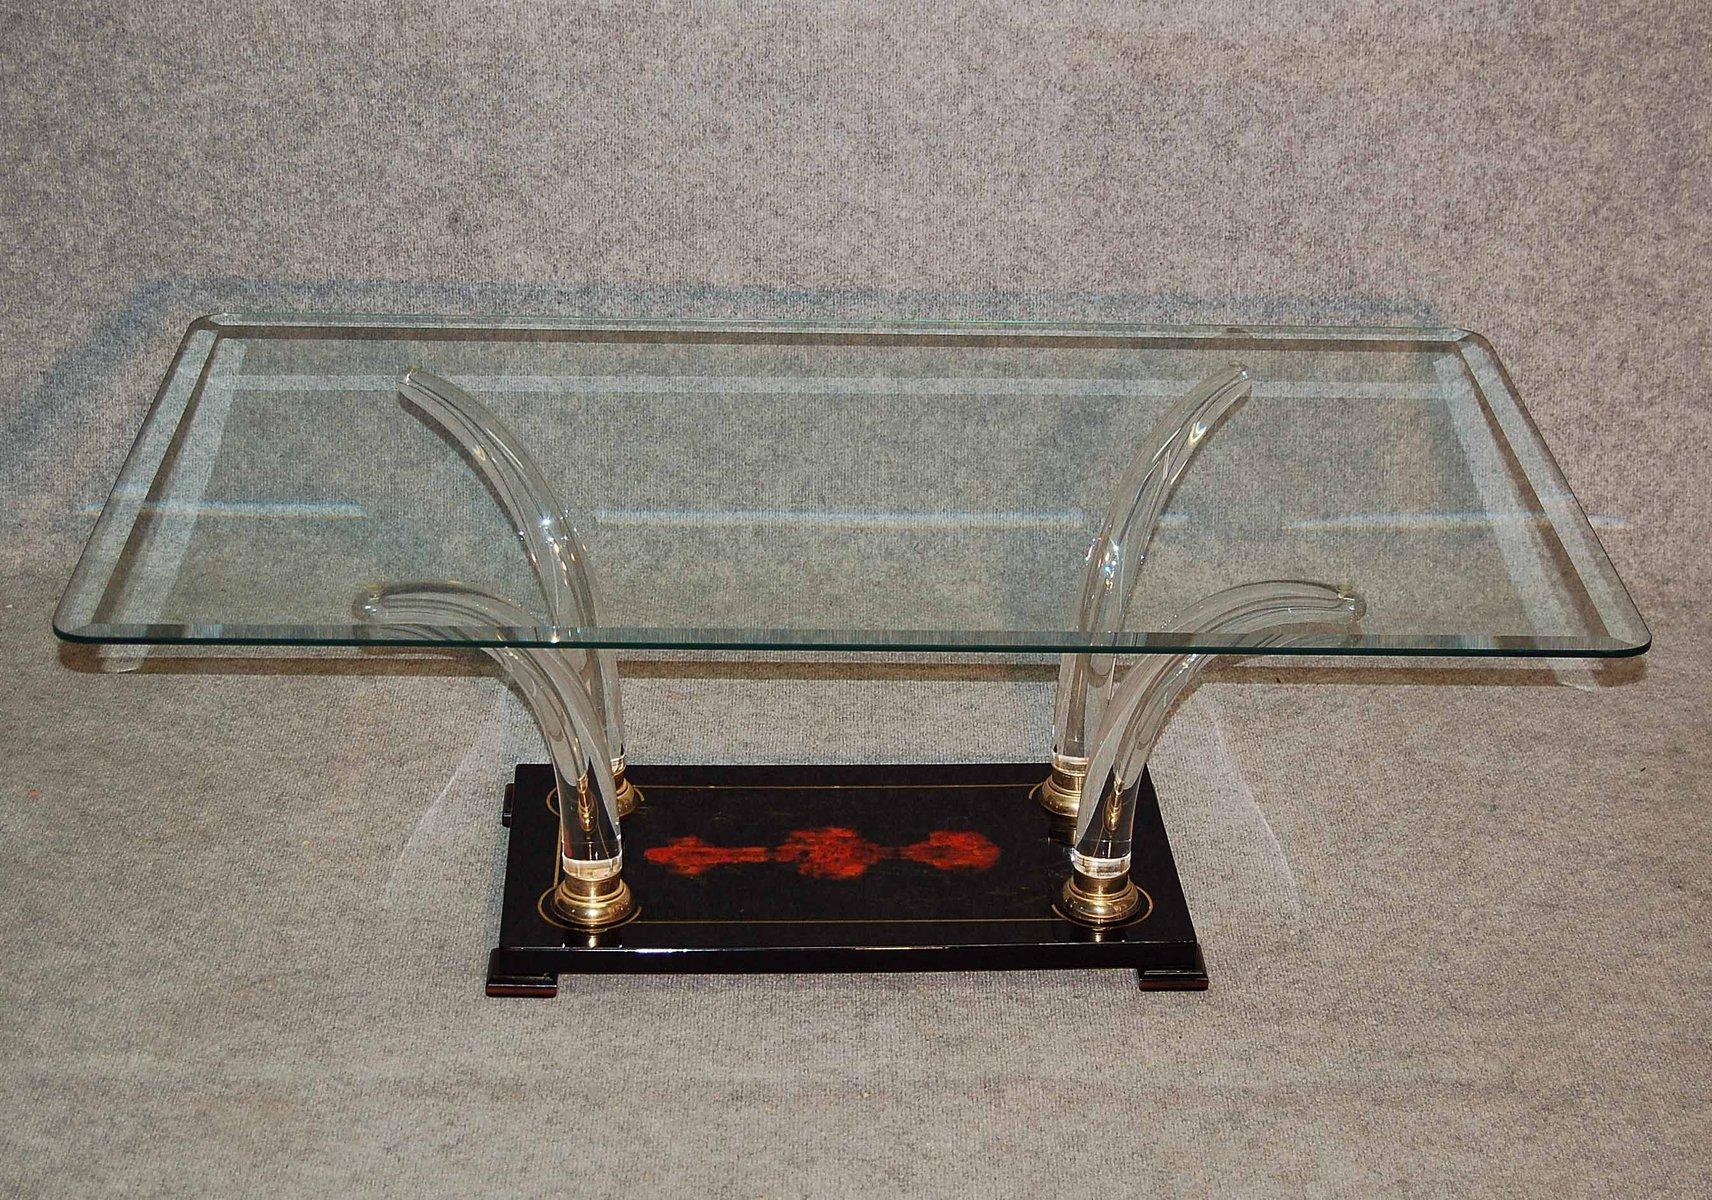 Couchtisch Verspiegelt Rund Glas Couchtische Modern Good Wohnling